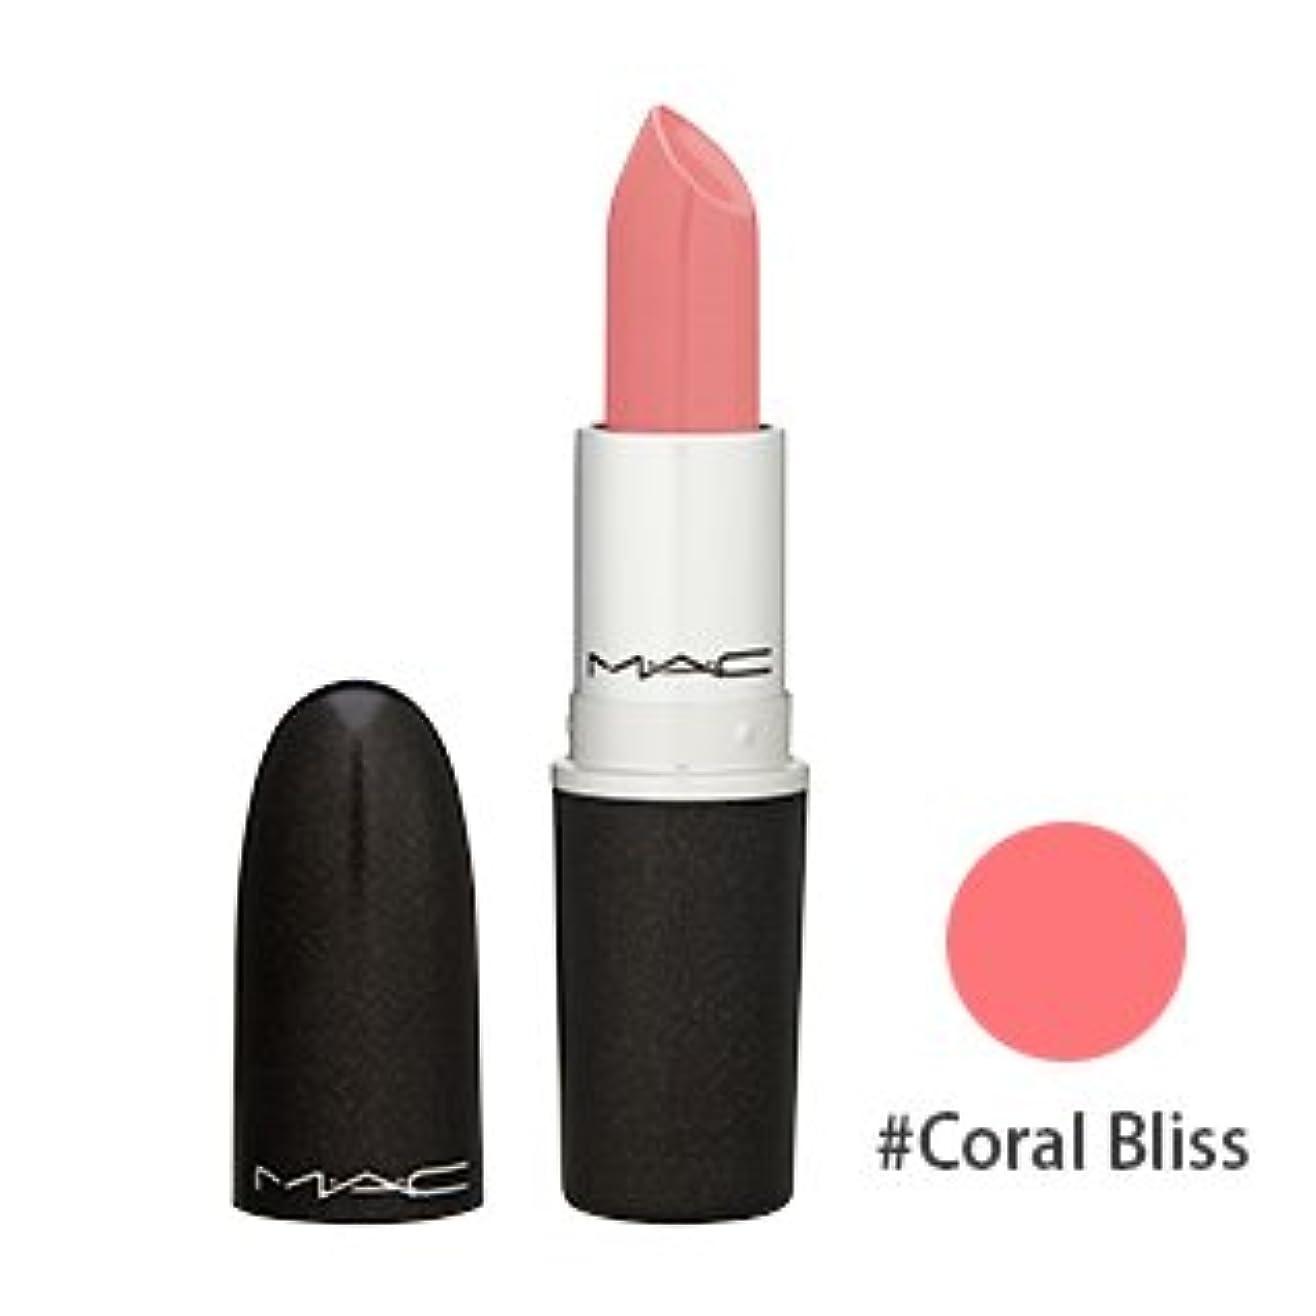 ピカソブラシブロンズマック(M?A?C(MAC)) リップスティック #Coral Bliss(コーラルピンク)[クリームシーン] 3g [海外直送品] [並行輸入品]